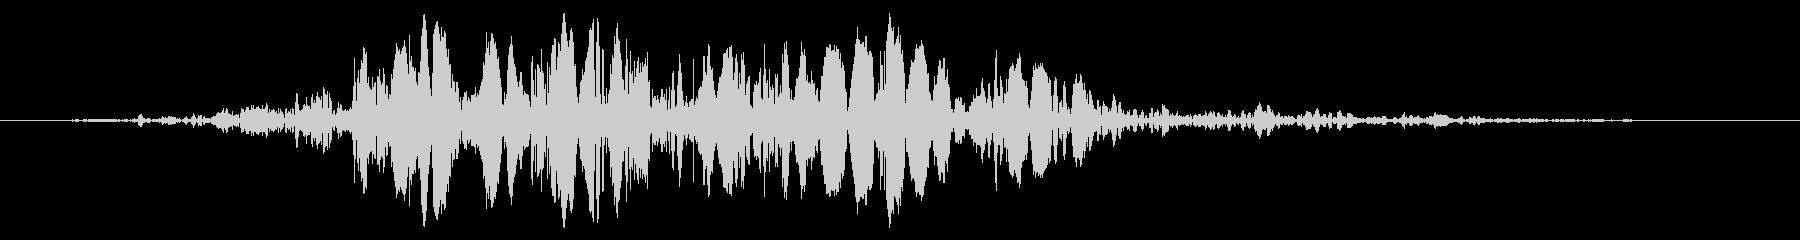 スライムなどが蠢く音タイプA#1の未再生の波形